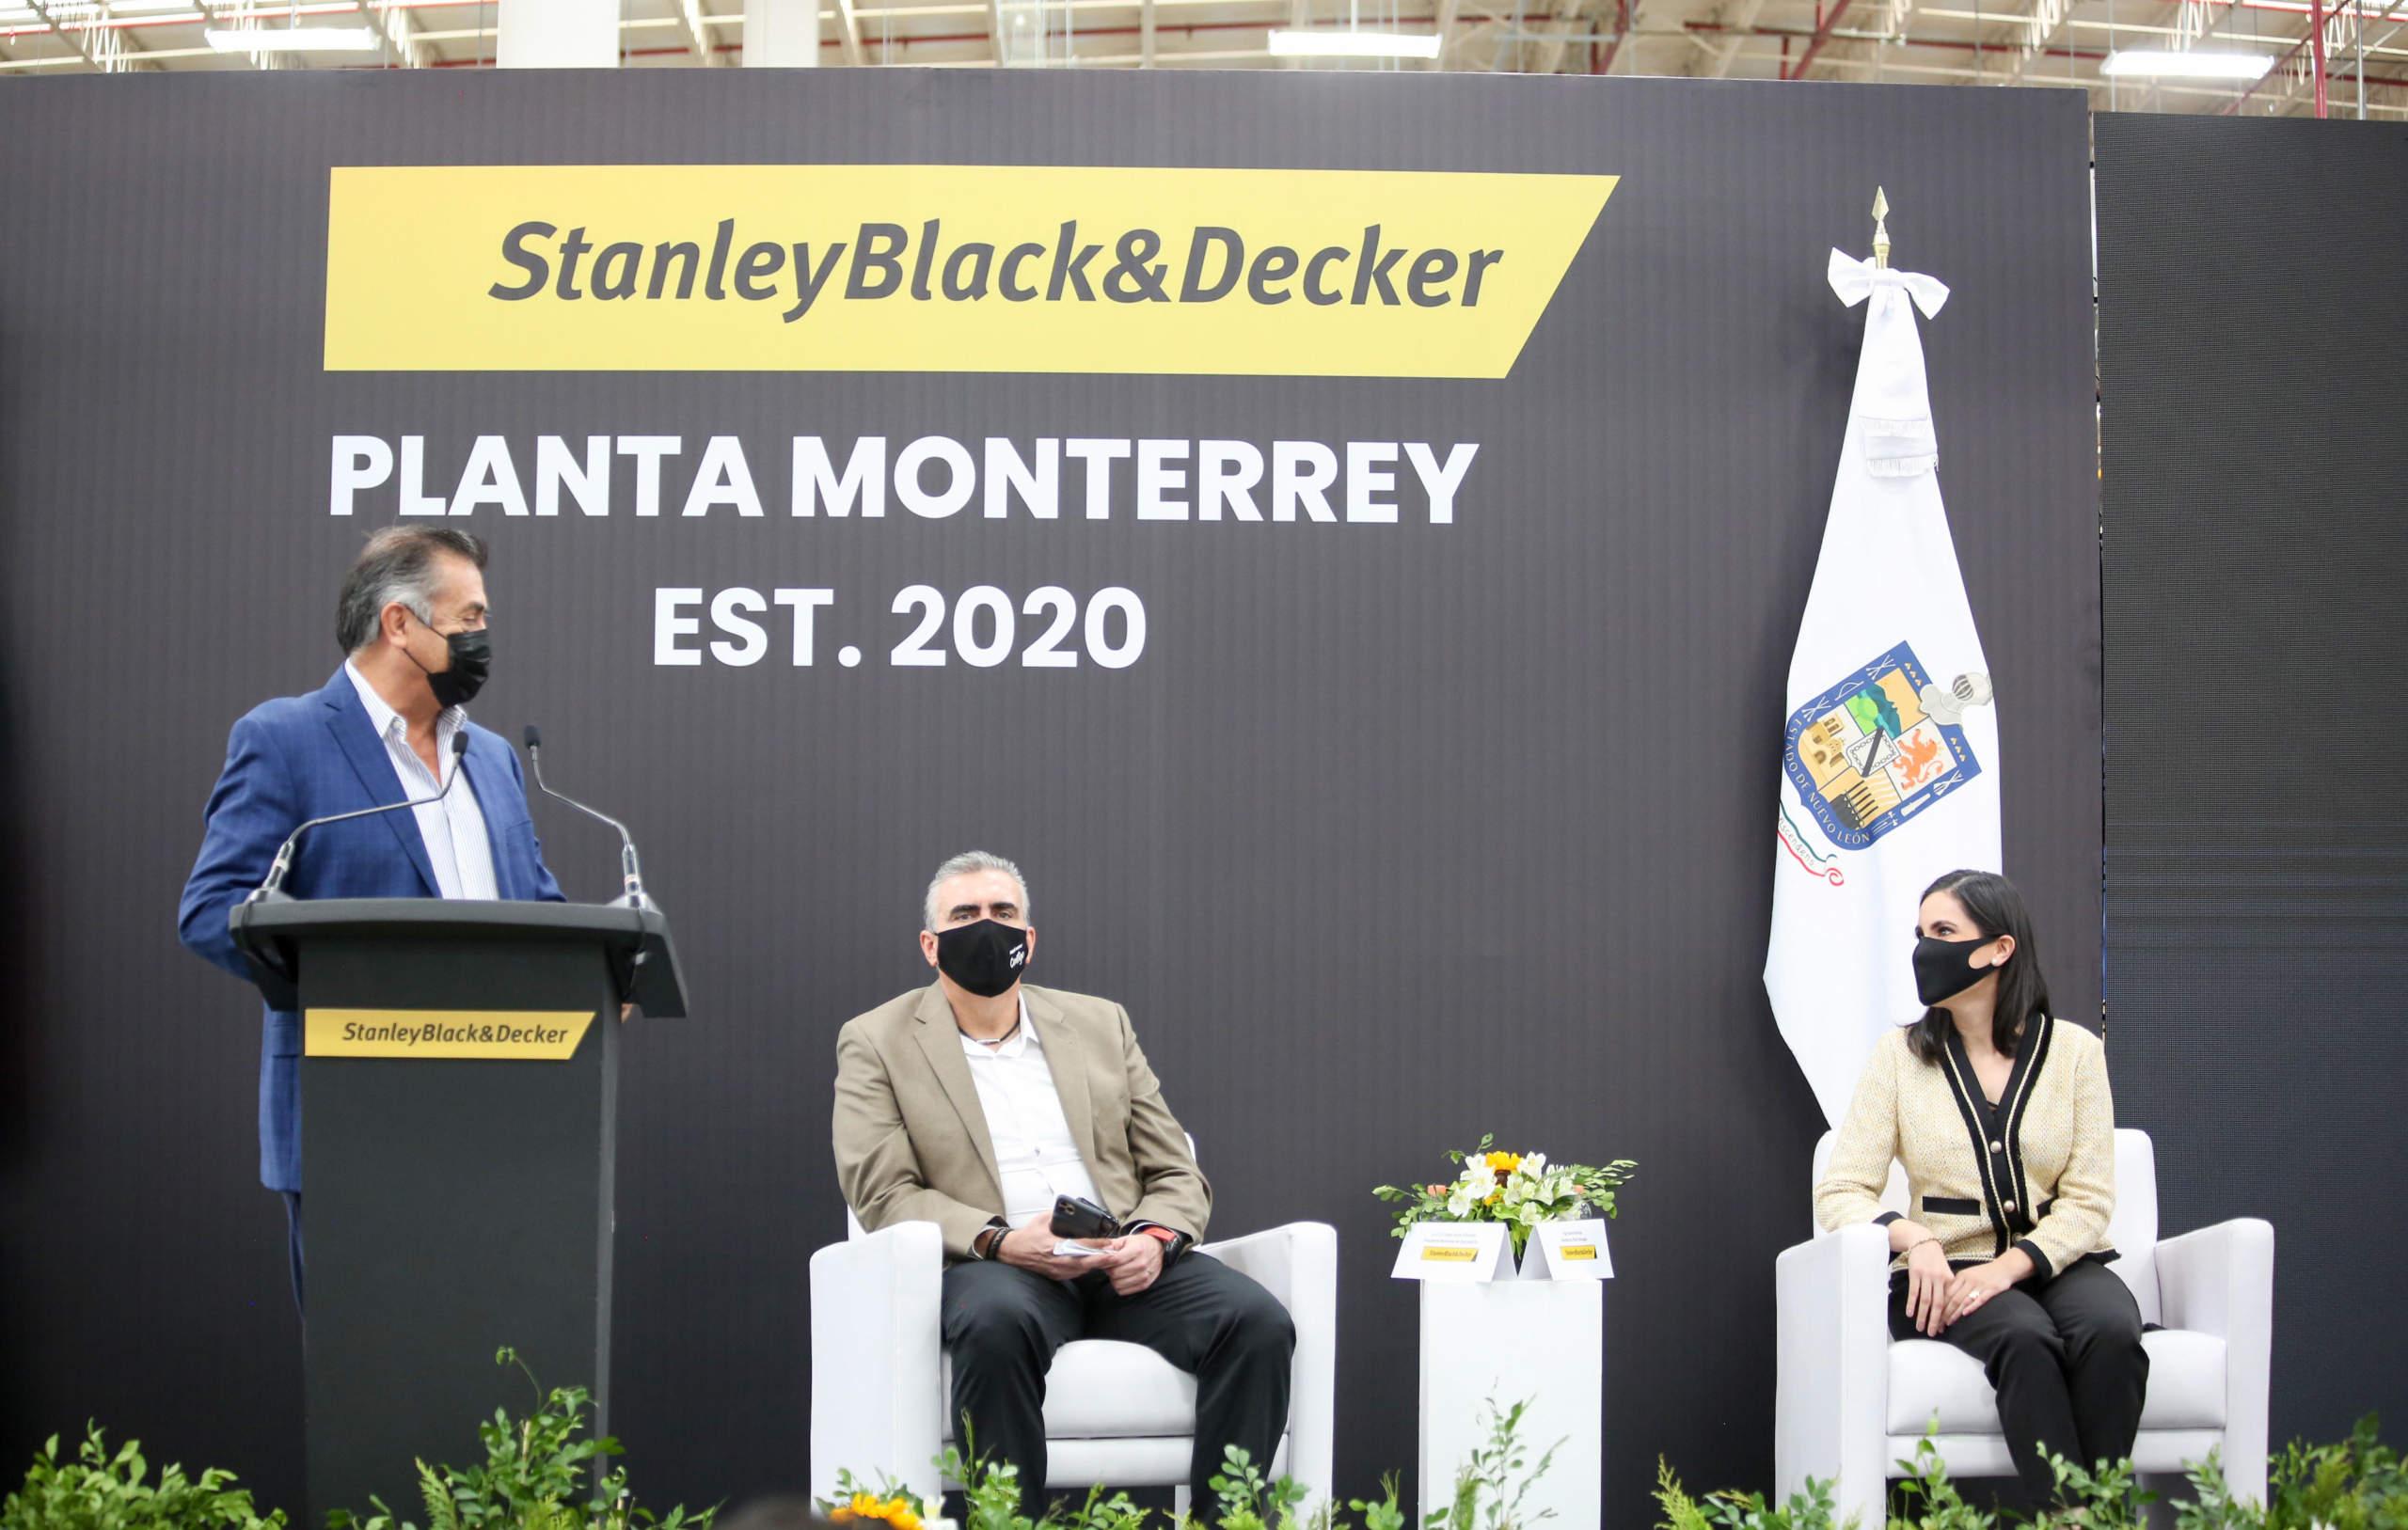 Stanley Black & Decker invests US$40 million in Nuevo León